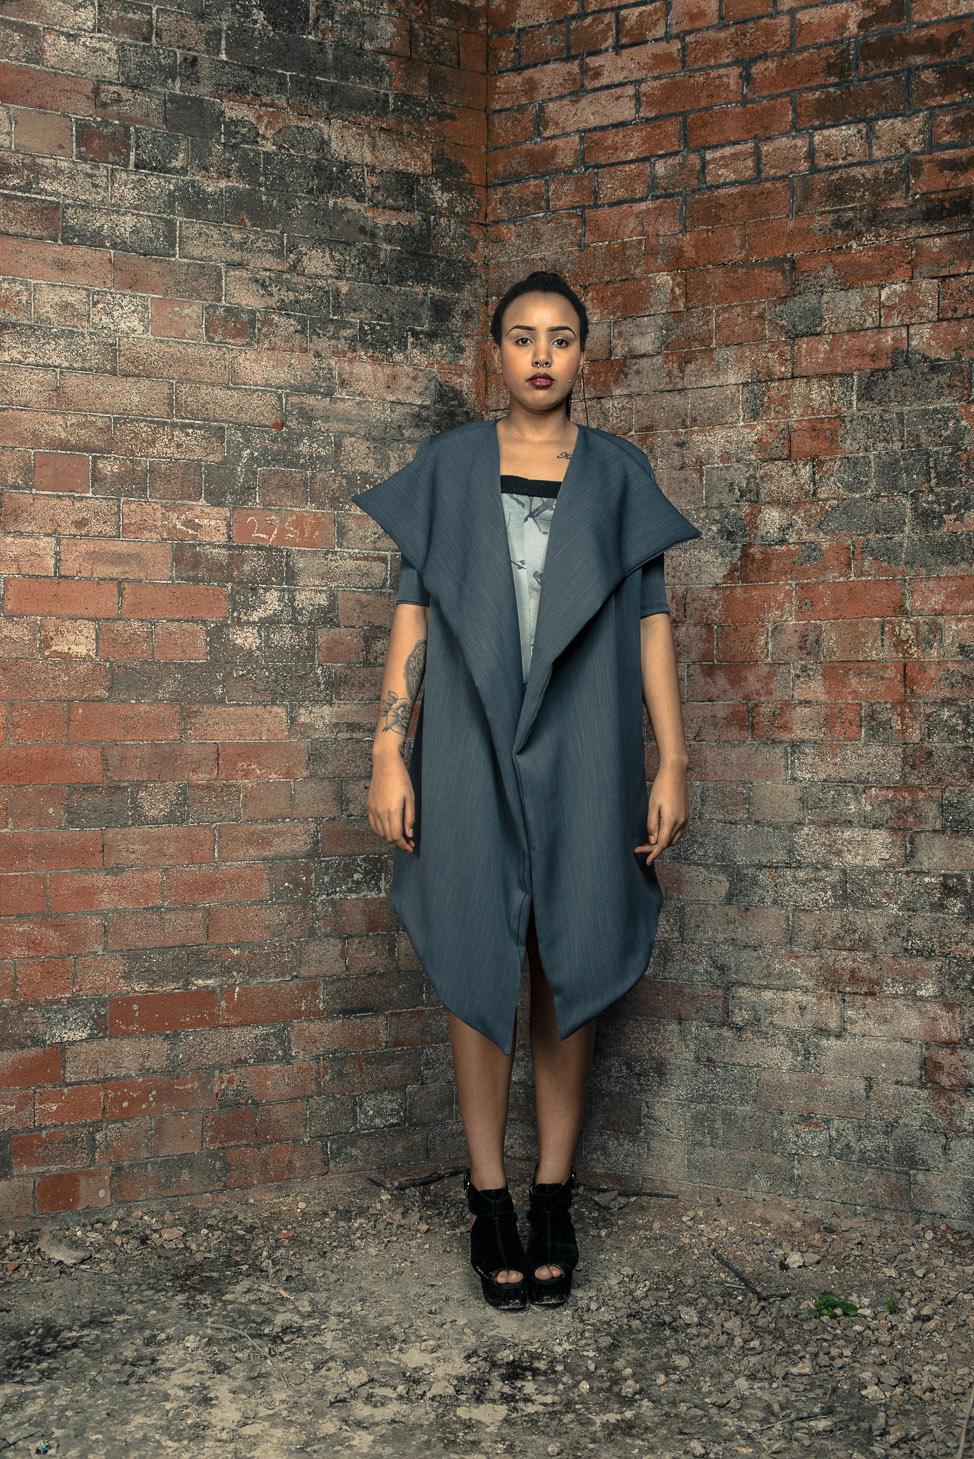 zaramia-ava-zaramiaava-leeds-fashion-designer-ethical-sustainable-tailored-minimalist-dress-jacket-versatile-drape-grey-bodysuit-black-obi-belt-wrap-cowl-styling-womenswear-models-photoshoot-24